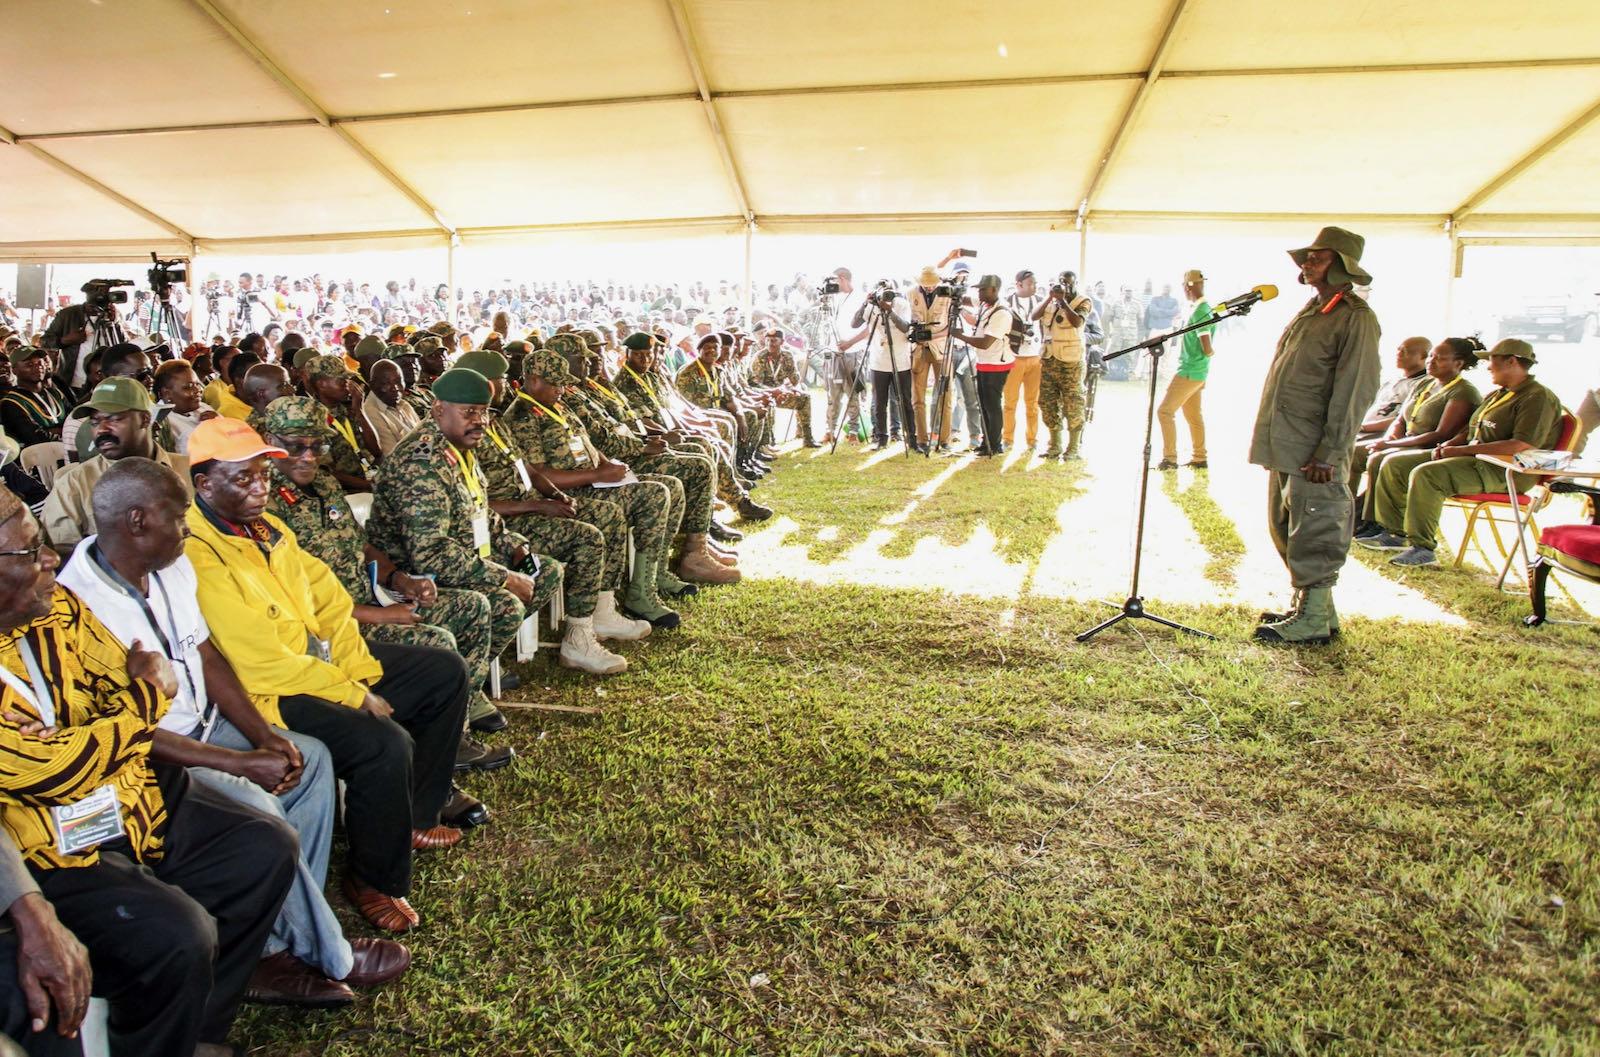 Ugandan President Yoweri Museveni speaking